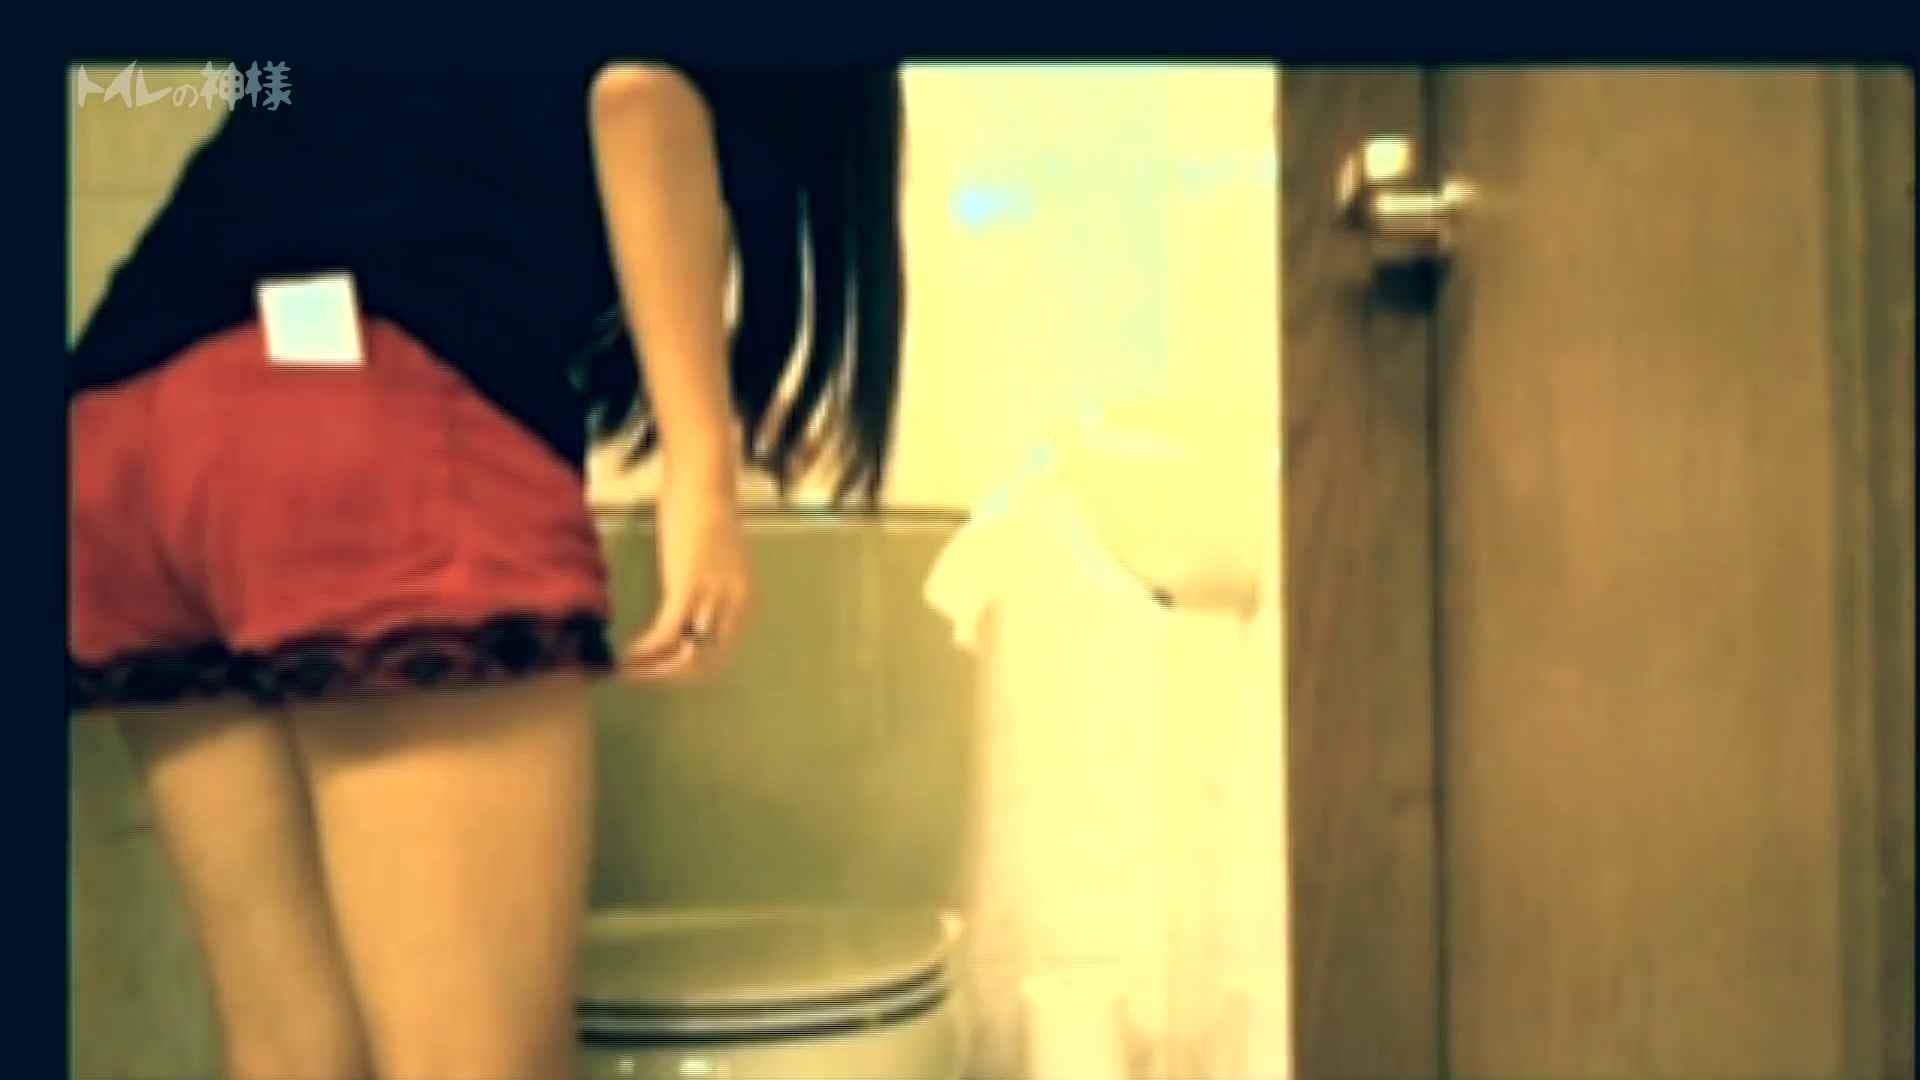 トイレの神様 Vol.01 花の女子大生うんこ盗撮1 HなOL オメコ無修正動画無料 96pic 44